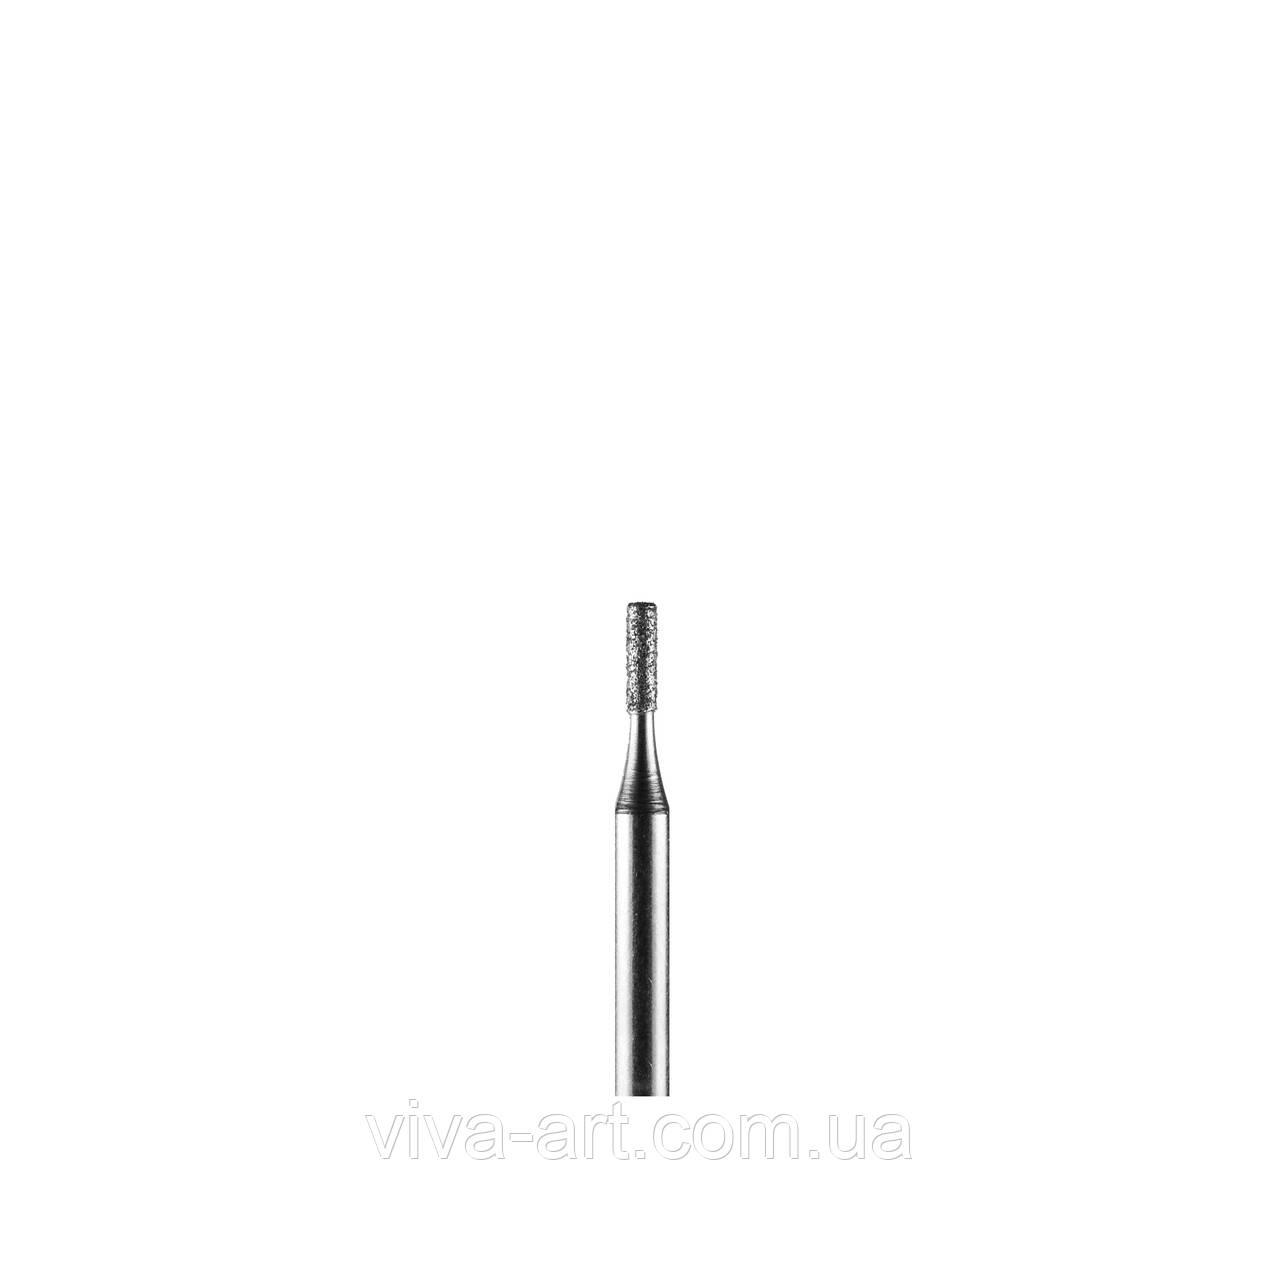 Алмазна насадка циліндр, 1.2 мм, середній абразив, Diaswiss (Швейцарія)